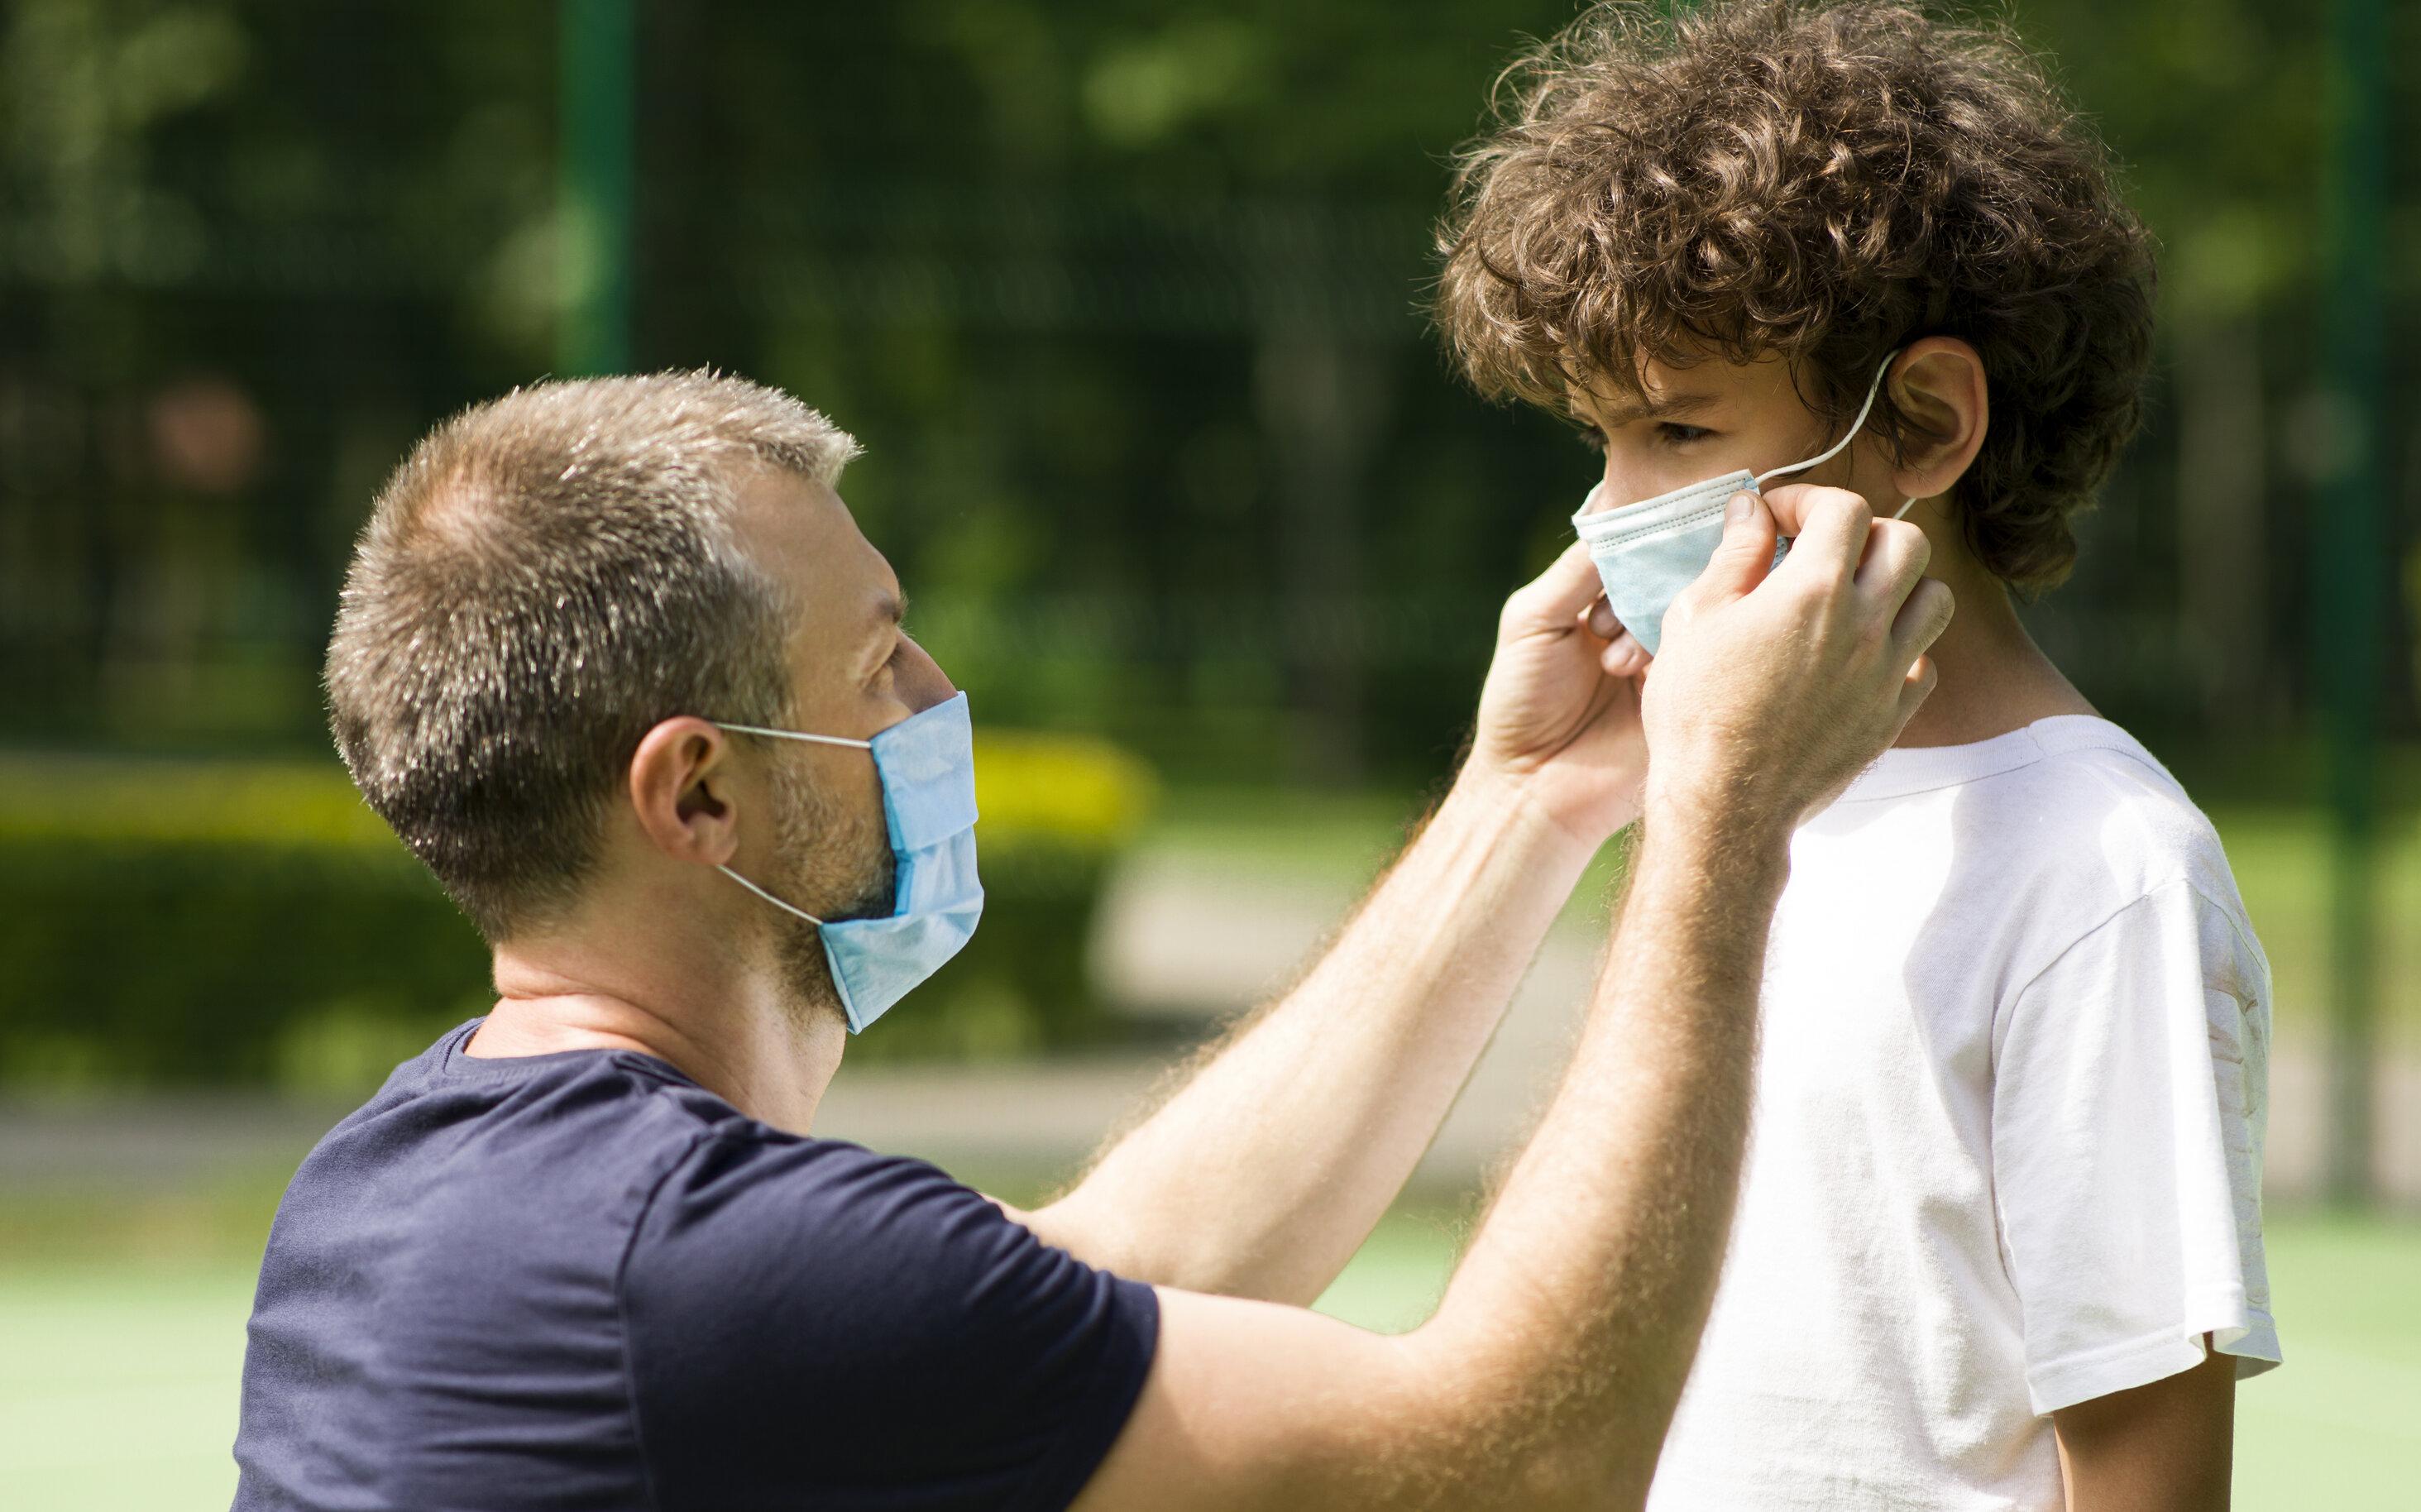 Utilitatea măștii în școli| Elevii joacă baba oarba cu masca pe ochi, ascund guma de mestecat în mască, o folosesc drept bentiță